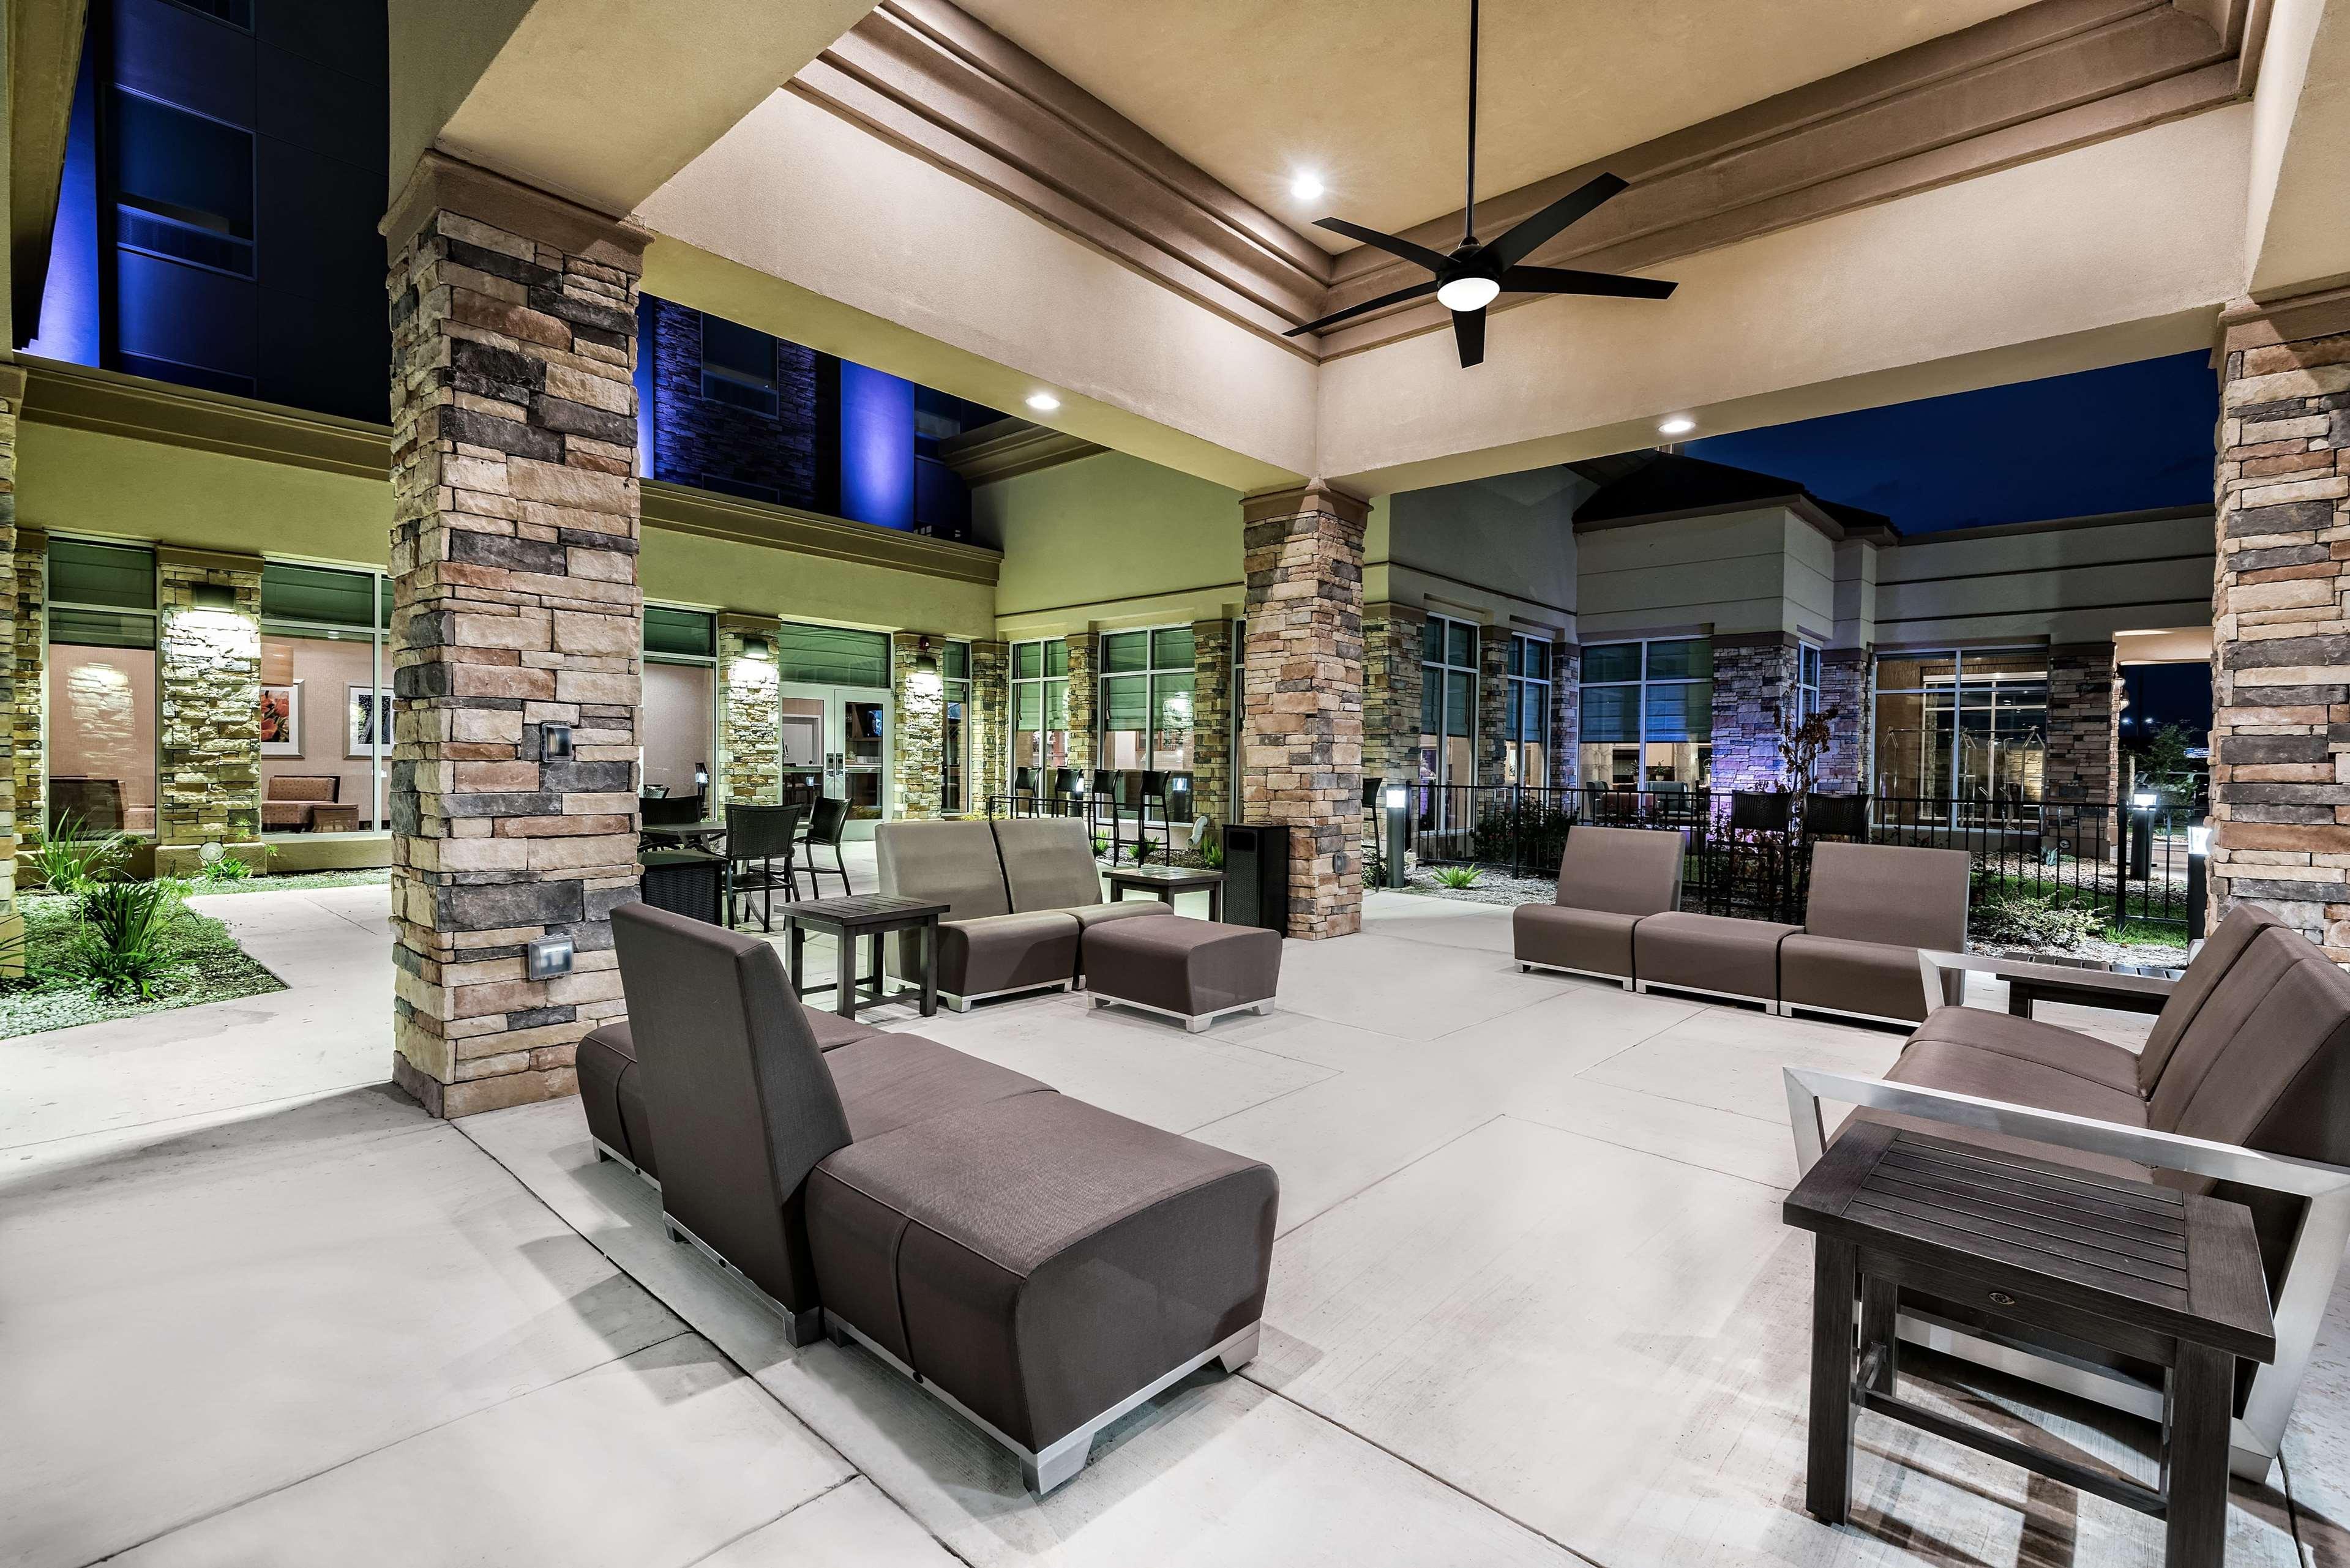 Hilton Garden Inn San Marcos image 5